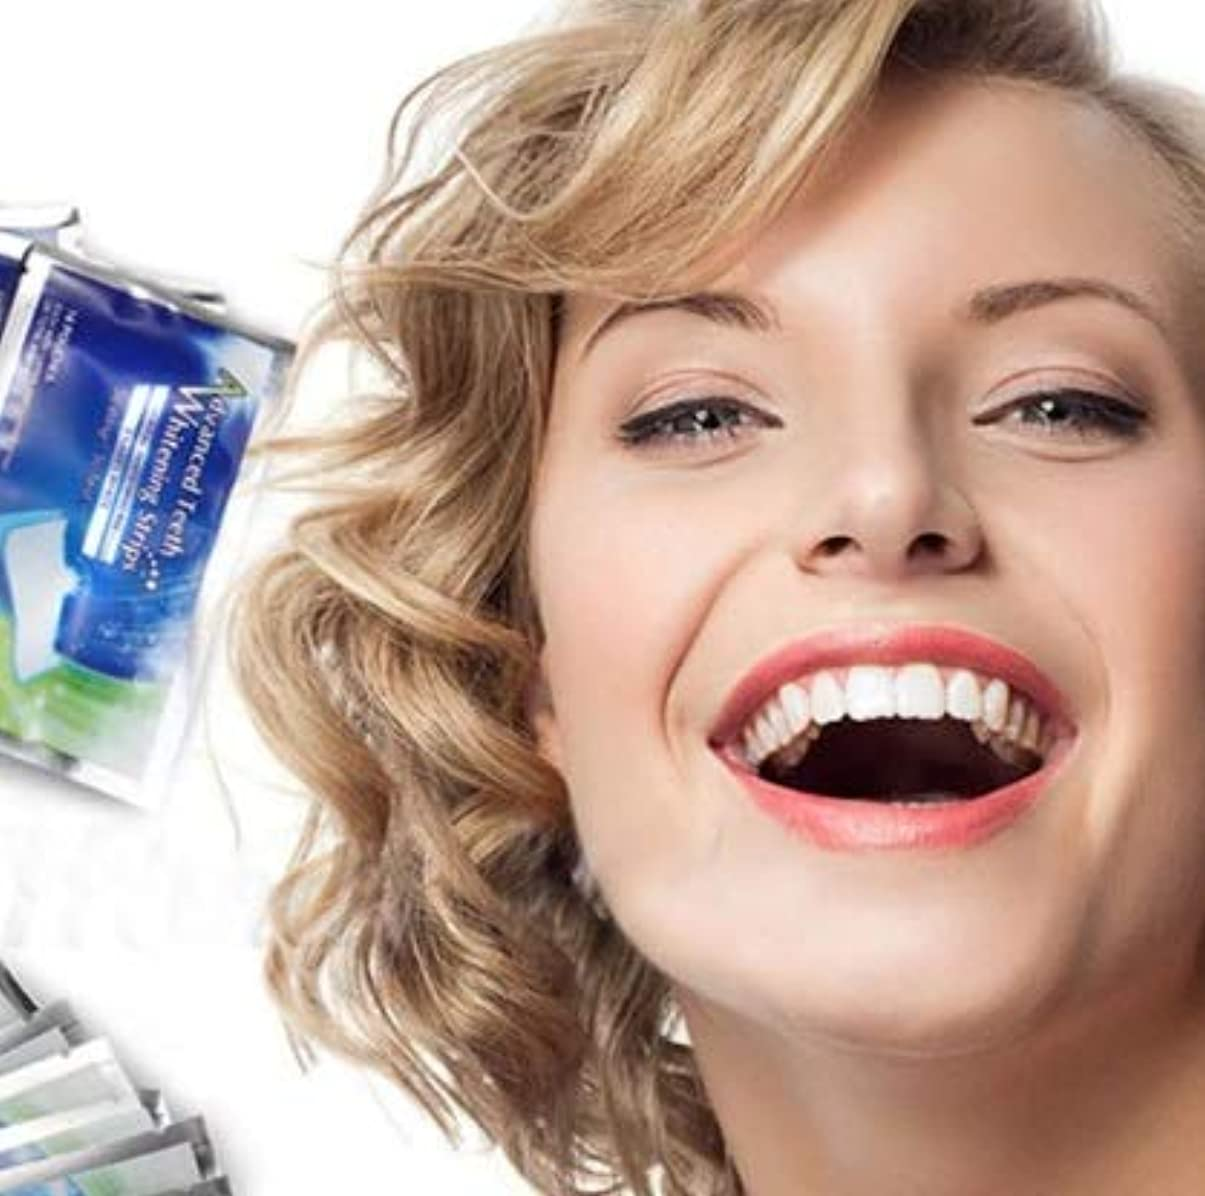 フォアマン音楽国籍Izmirli 28ストリップを白くする高度な歯、ストリップを白くする3D歯、漂白ストリップを白くする専門の白くなる専門家、歯科白くなるキット、エナメルの白。Izmirli 28 Advanced Teeth Whitening Strips, 3D Teeth Whitening Strips, Tooth Whitener Professional Whitening Bleaching Strips, Dental Whitening kit, enamel white.